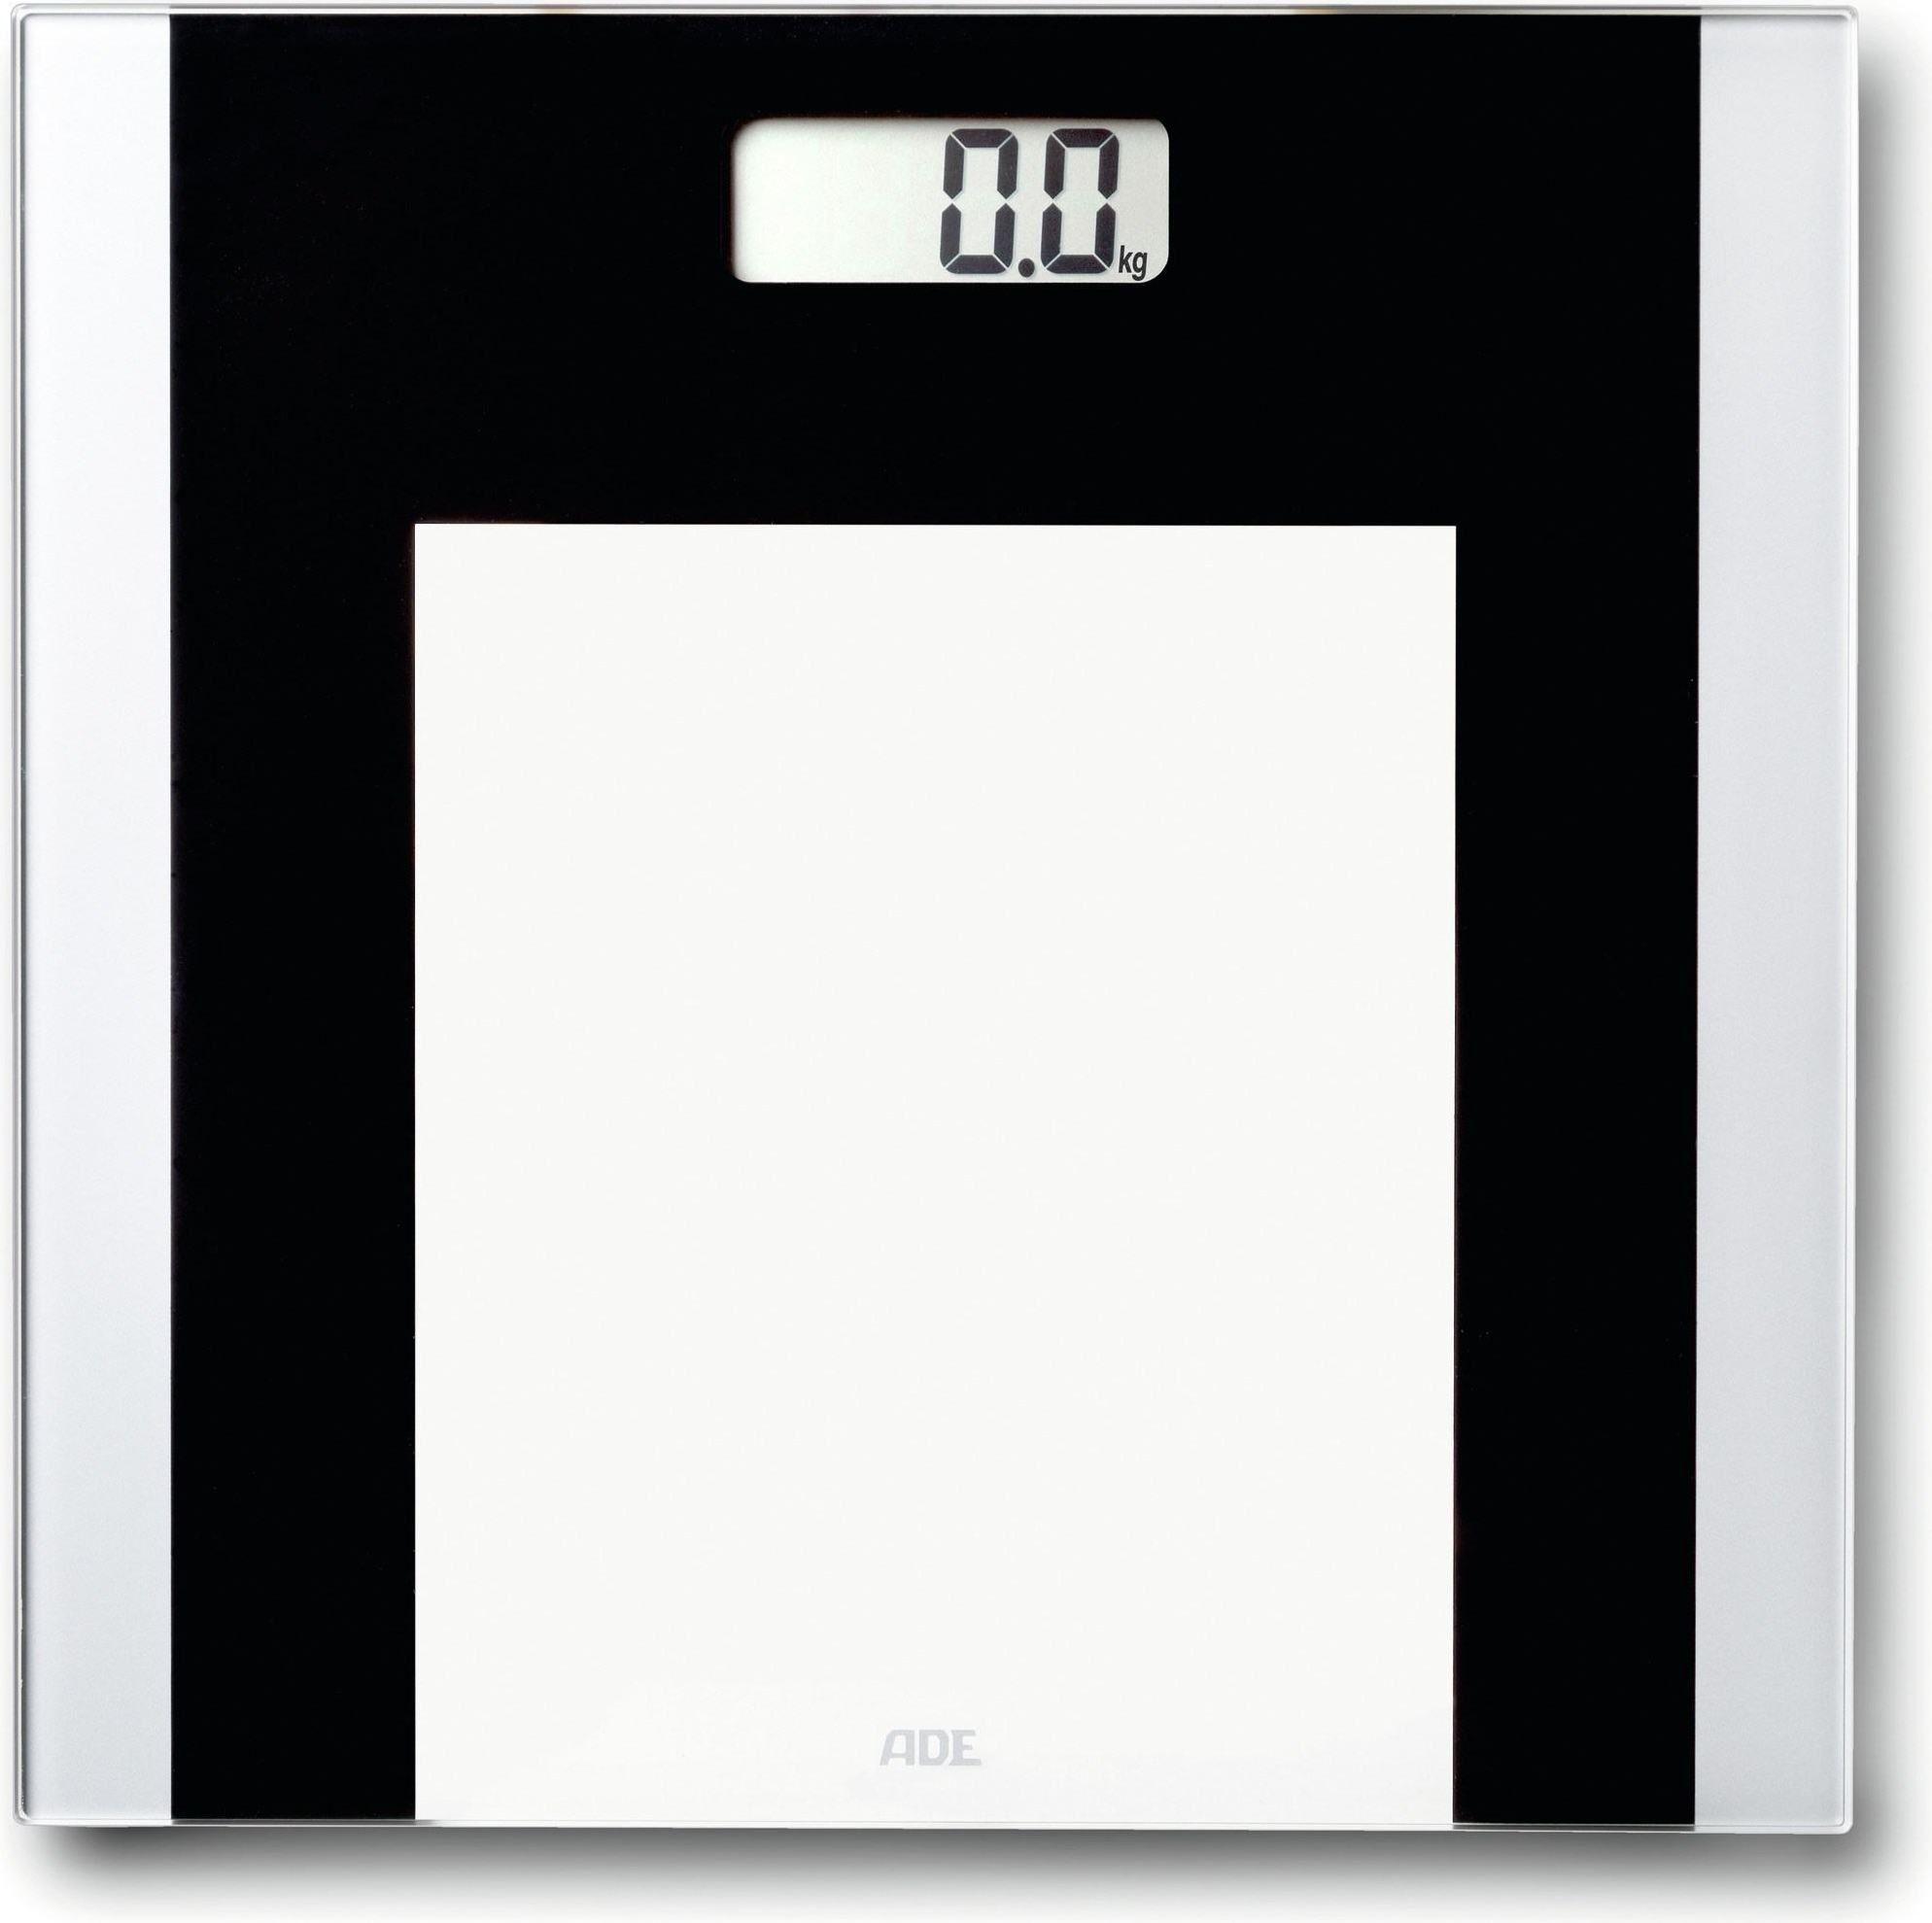 ADE BE1722 Ylvie Szklana waga łazienkowa w bialo czarnej kolorystyce